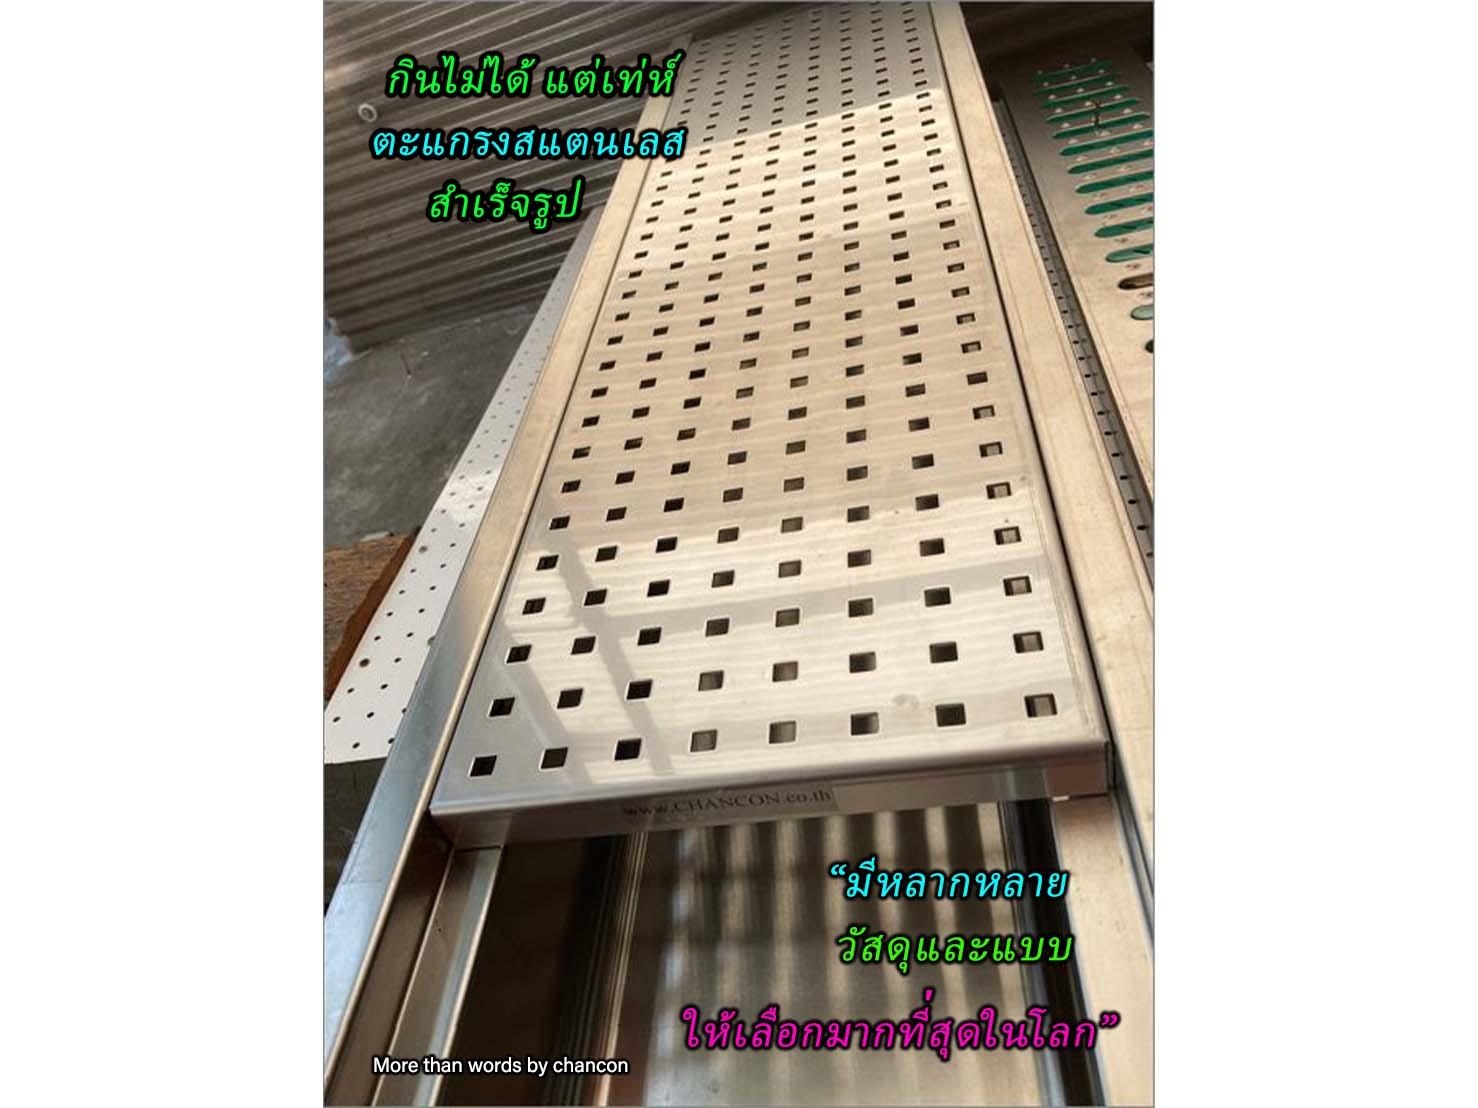 ฝาบ่อพักเกรตติ้งตะแกรงสแตนเลสสำเร็จรูประบายน้ำ Stainless Aluminium Expanded Metal Grating